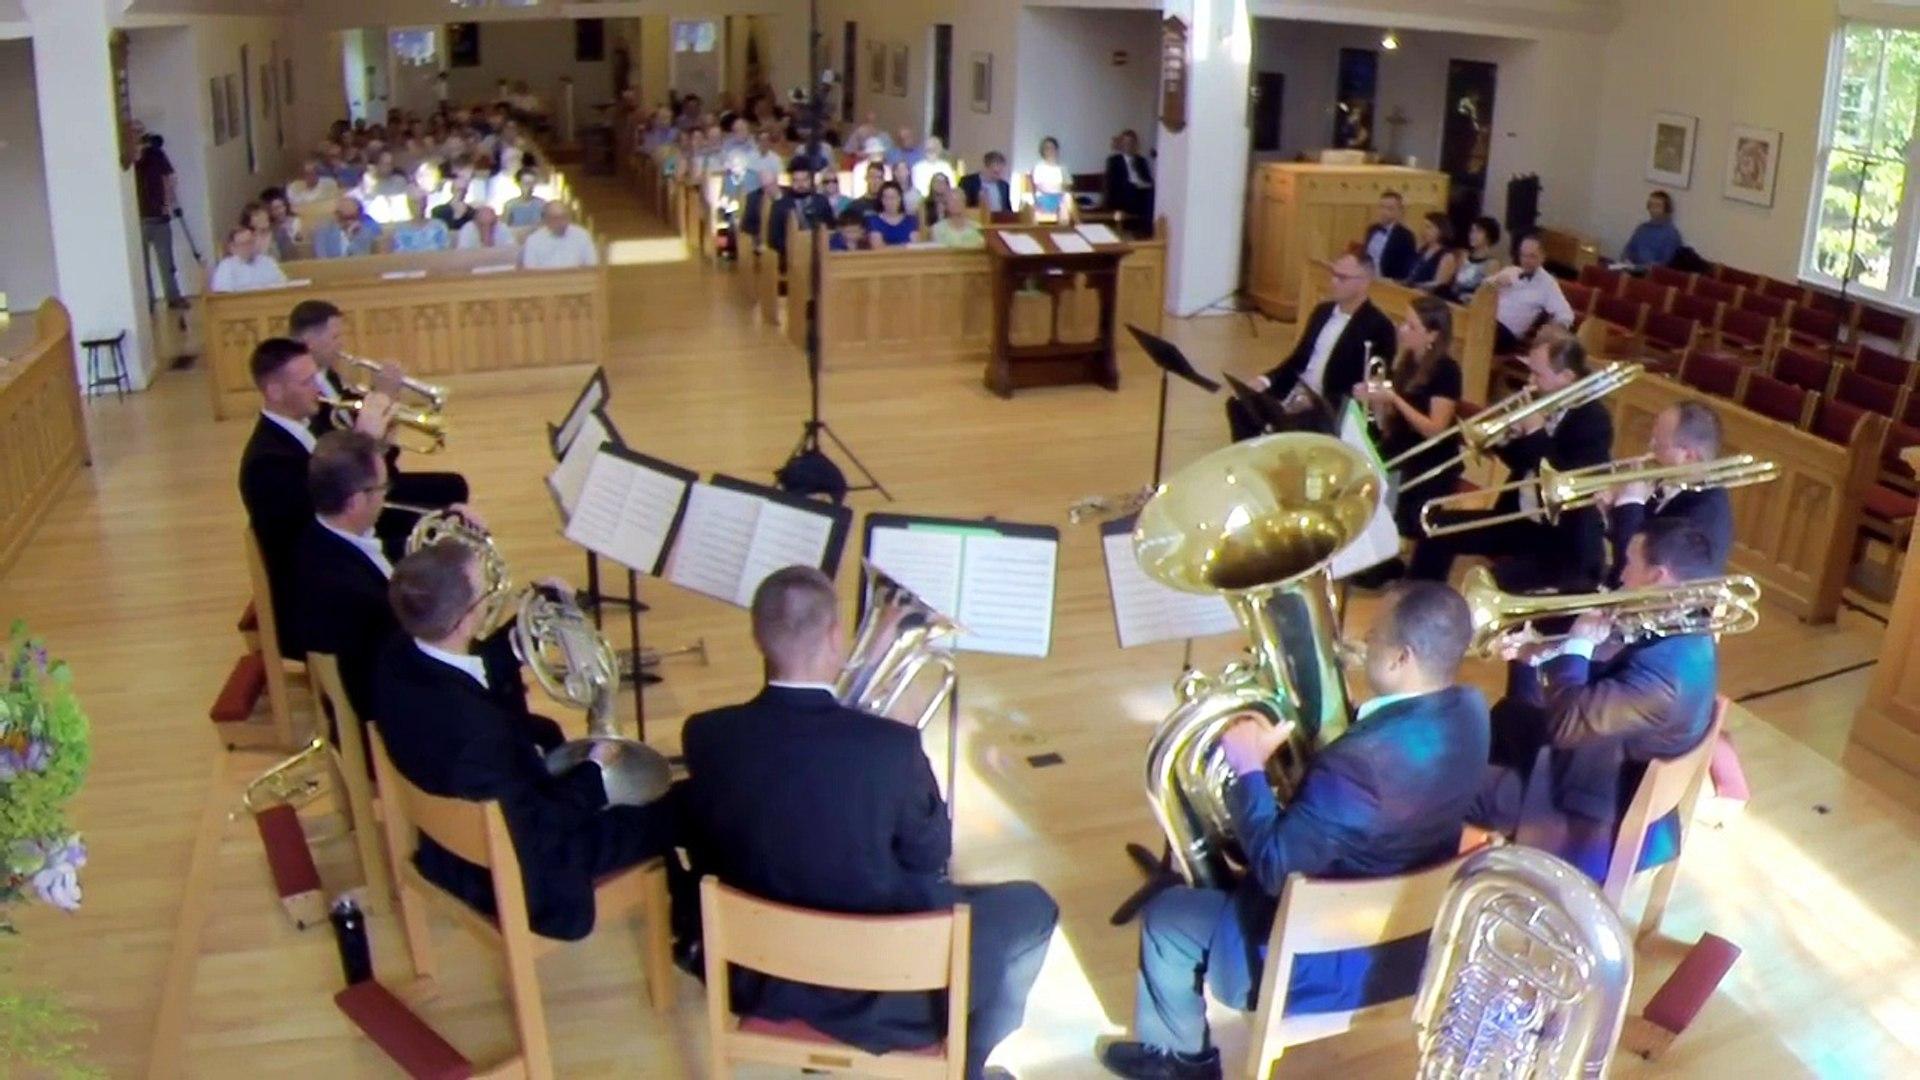 Barclay Brass plays Bach - Wachet auf, ruft uns die Stimme